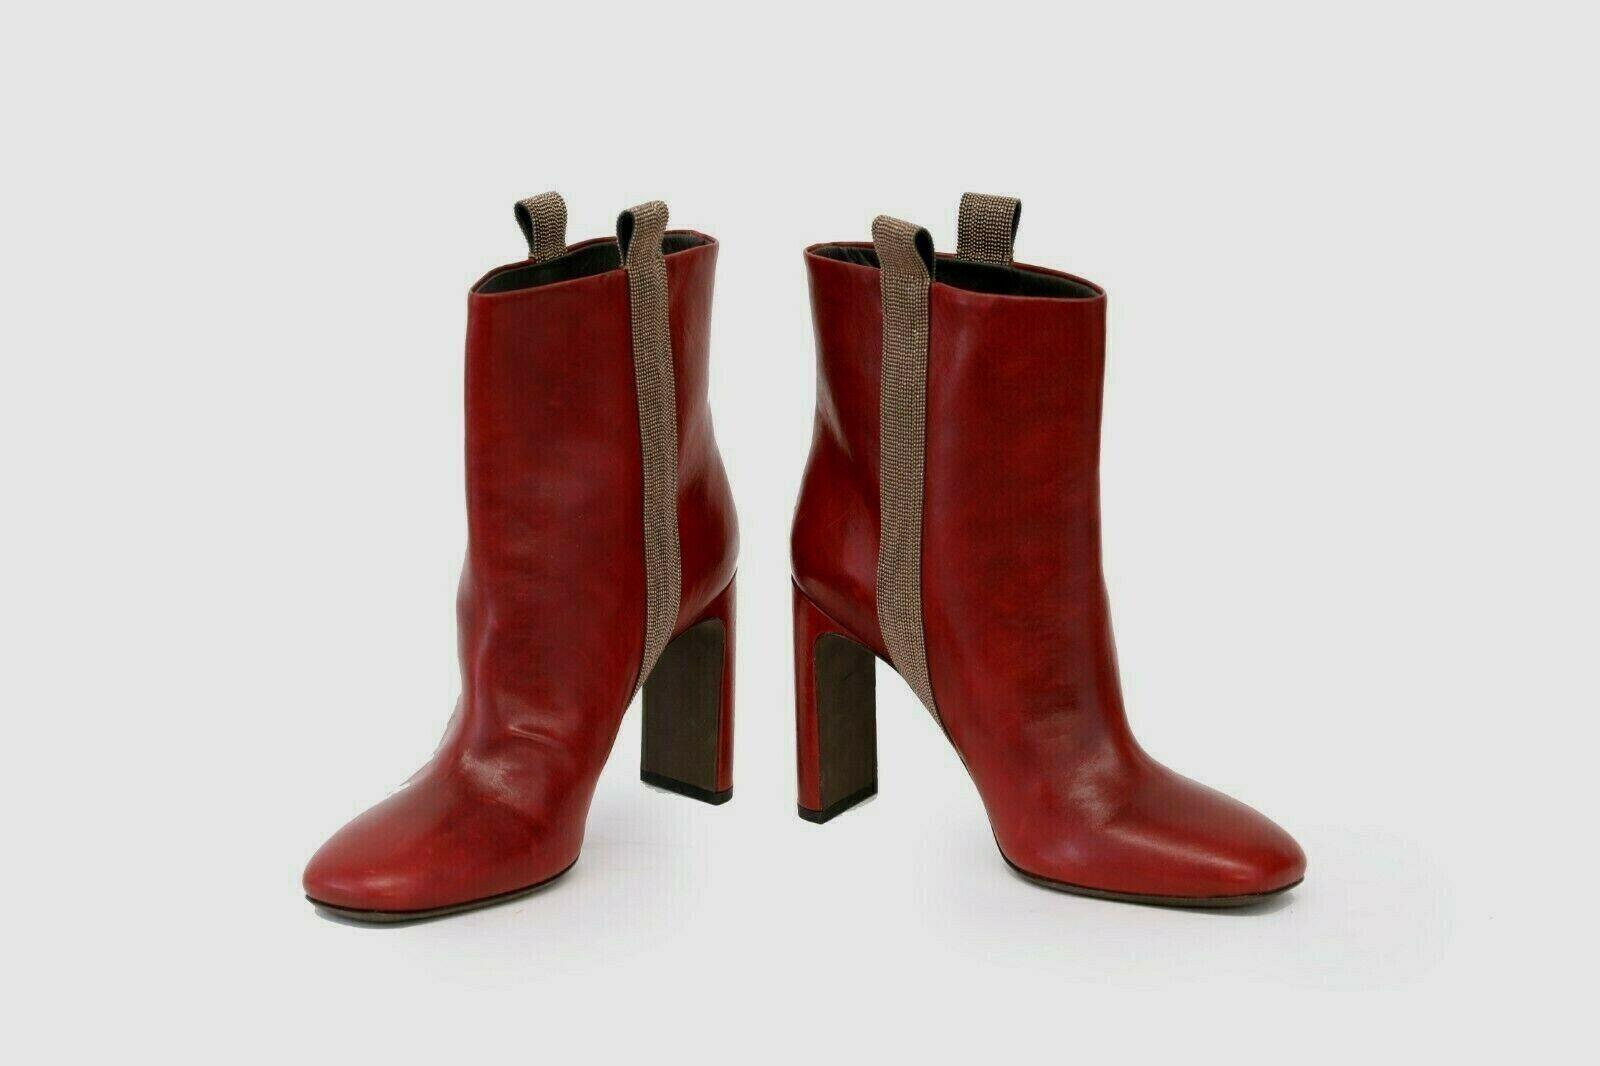 negozio outlet NWOB 1995 Brunello Cucinelli 100% Leather Sparkly Beaded avvioies avvioies avvioies Sz 37  7US A191  con il prezzo economico per ottenere la migliore marca